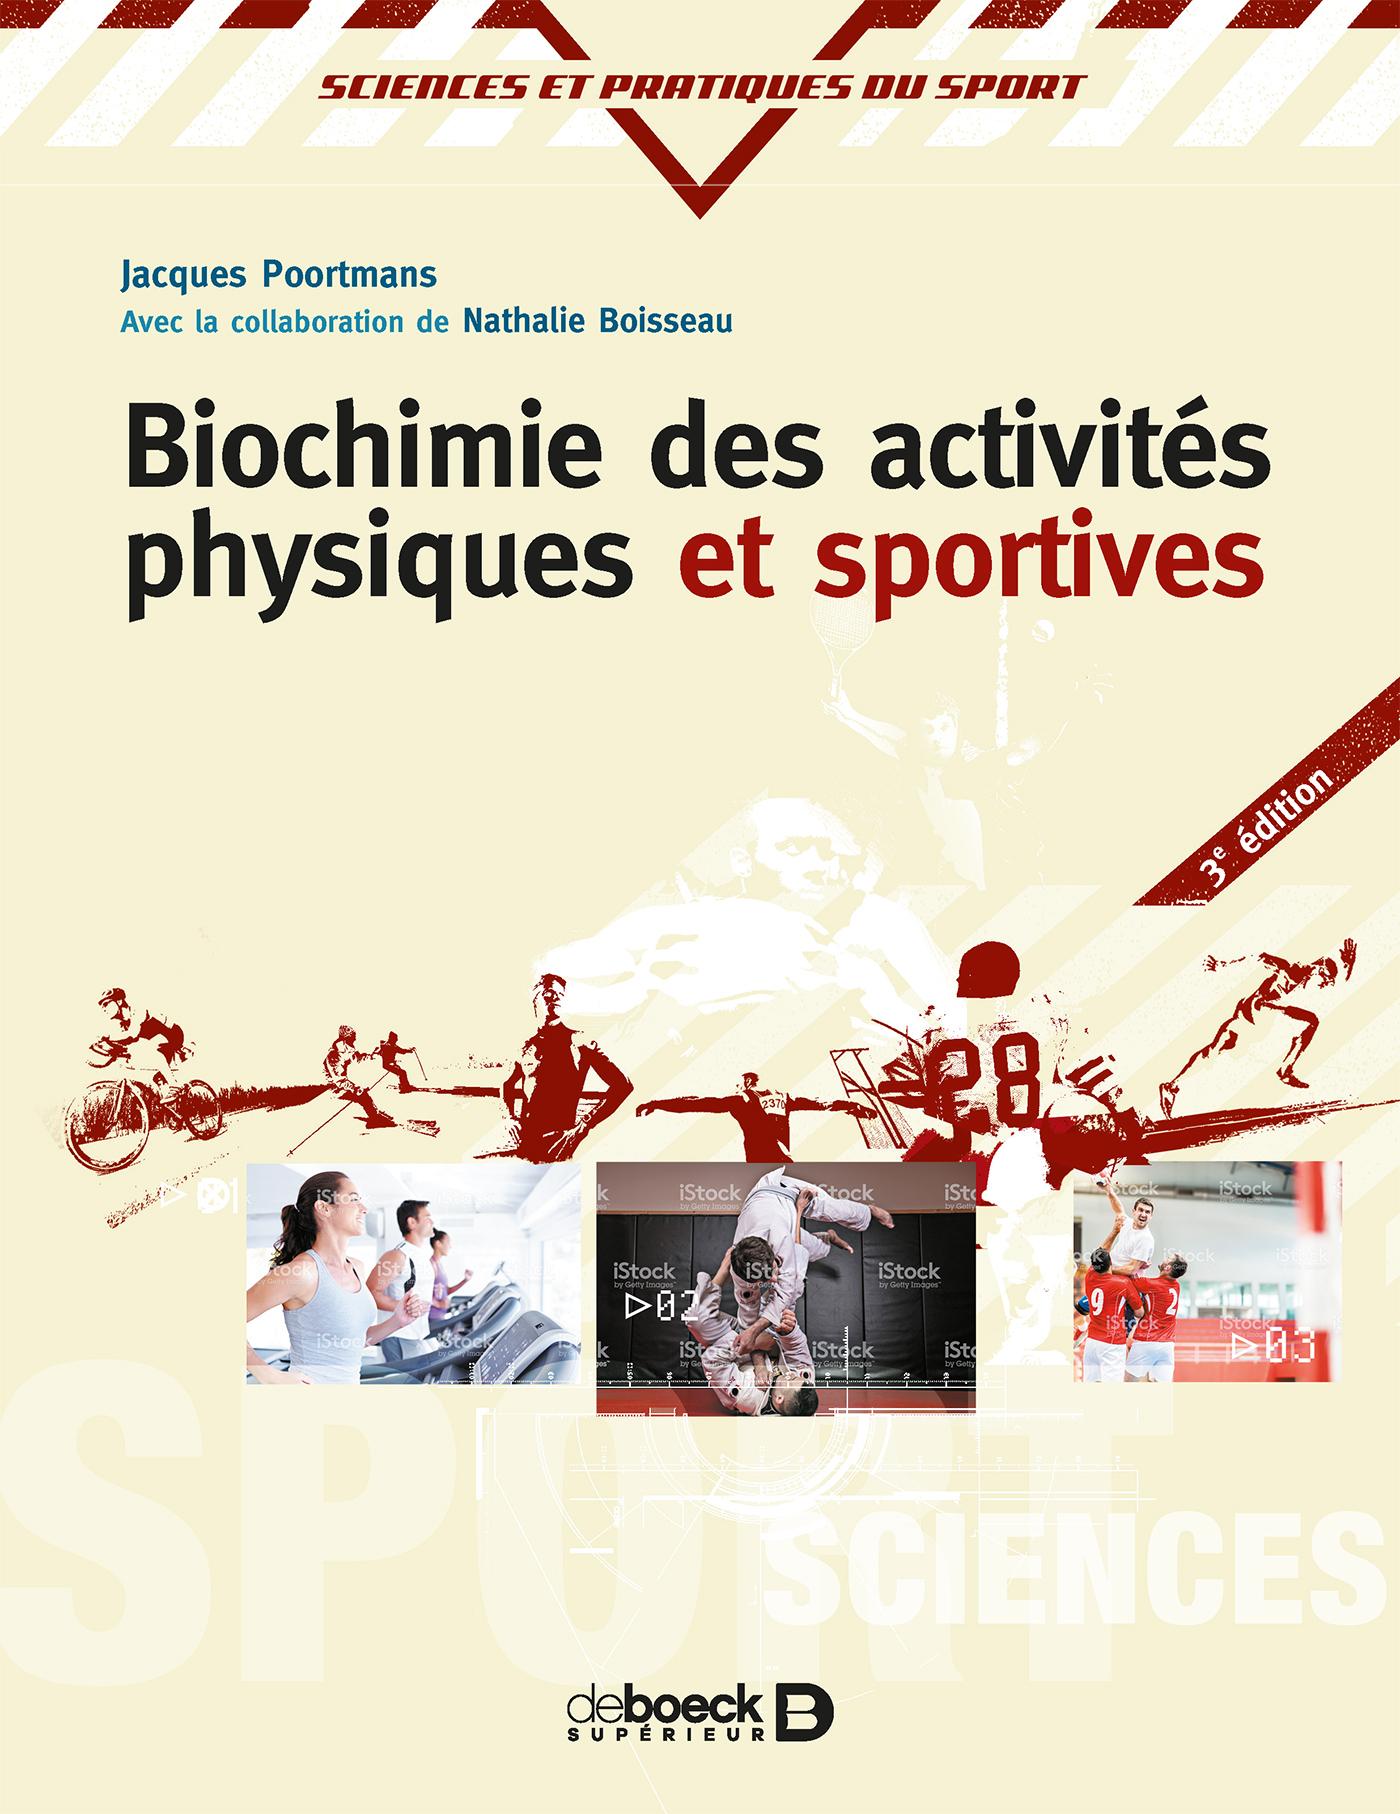 BIOCHIMIE DES ACTIVITES PHYSIQUES ET SPORTIVES